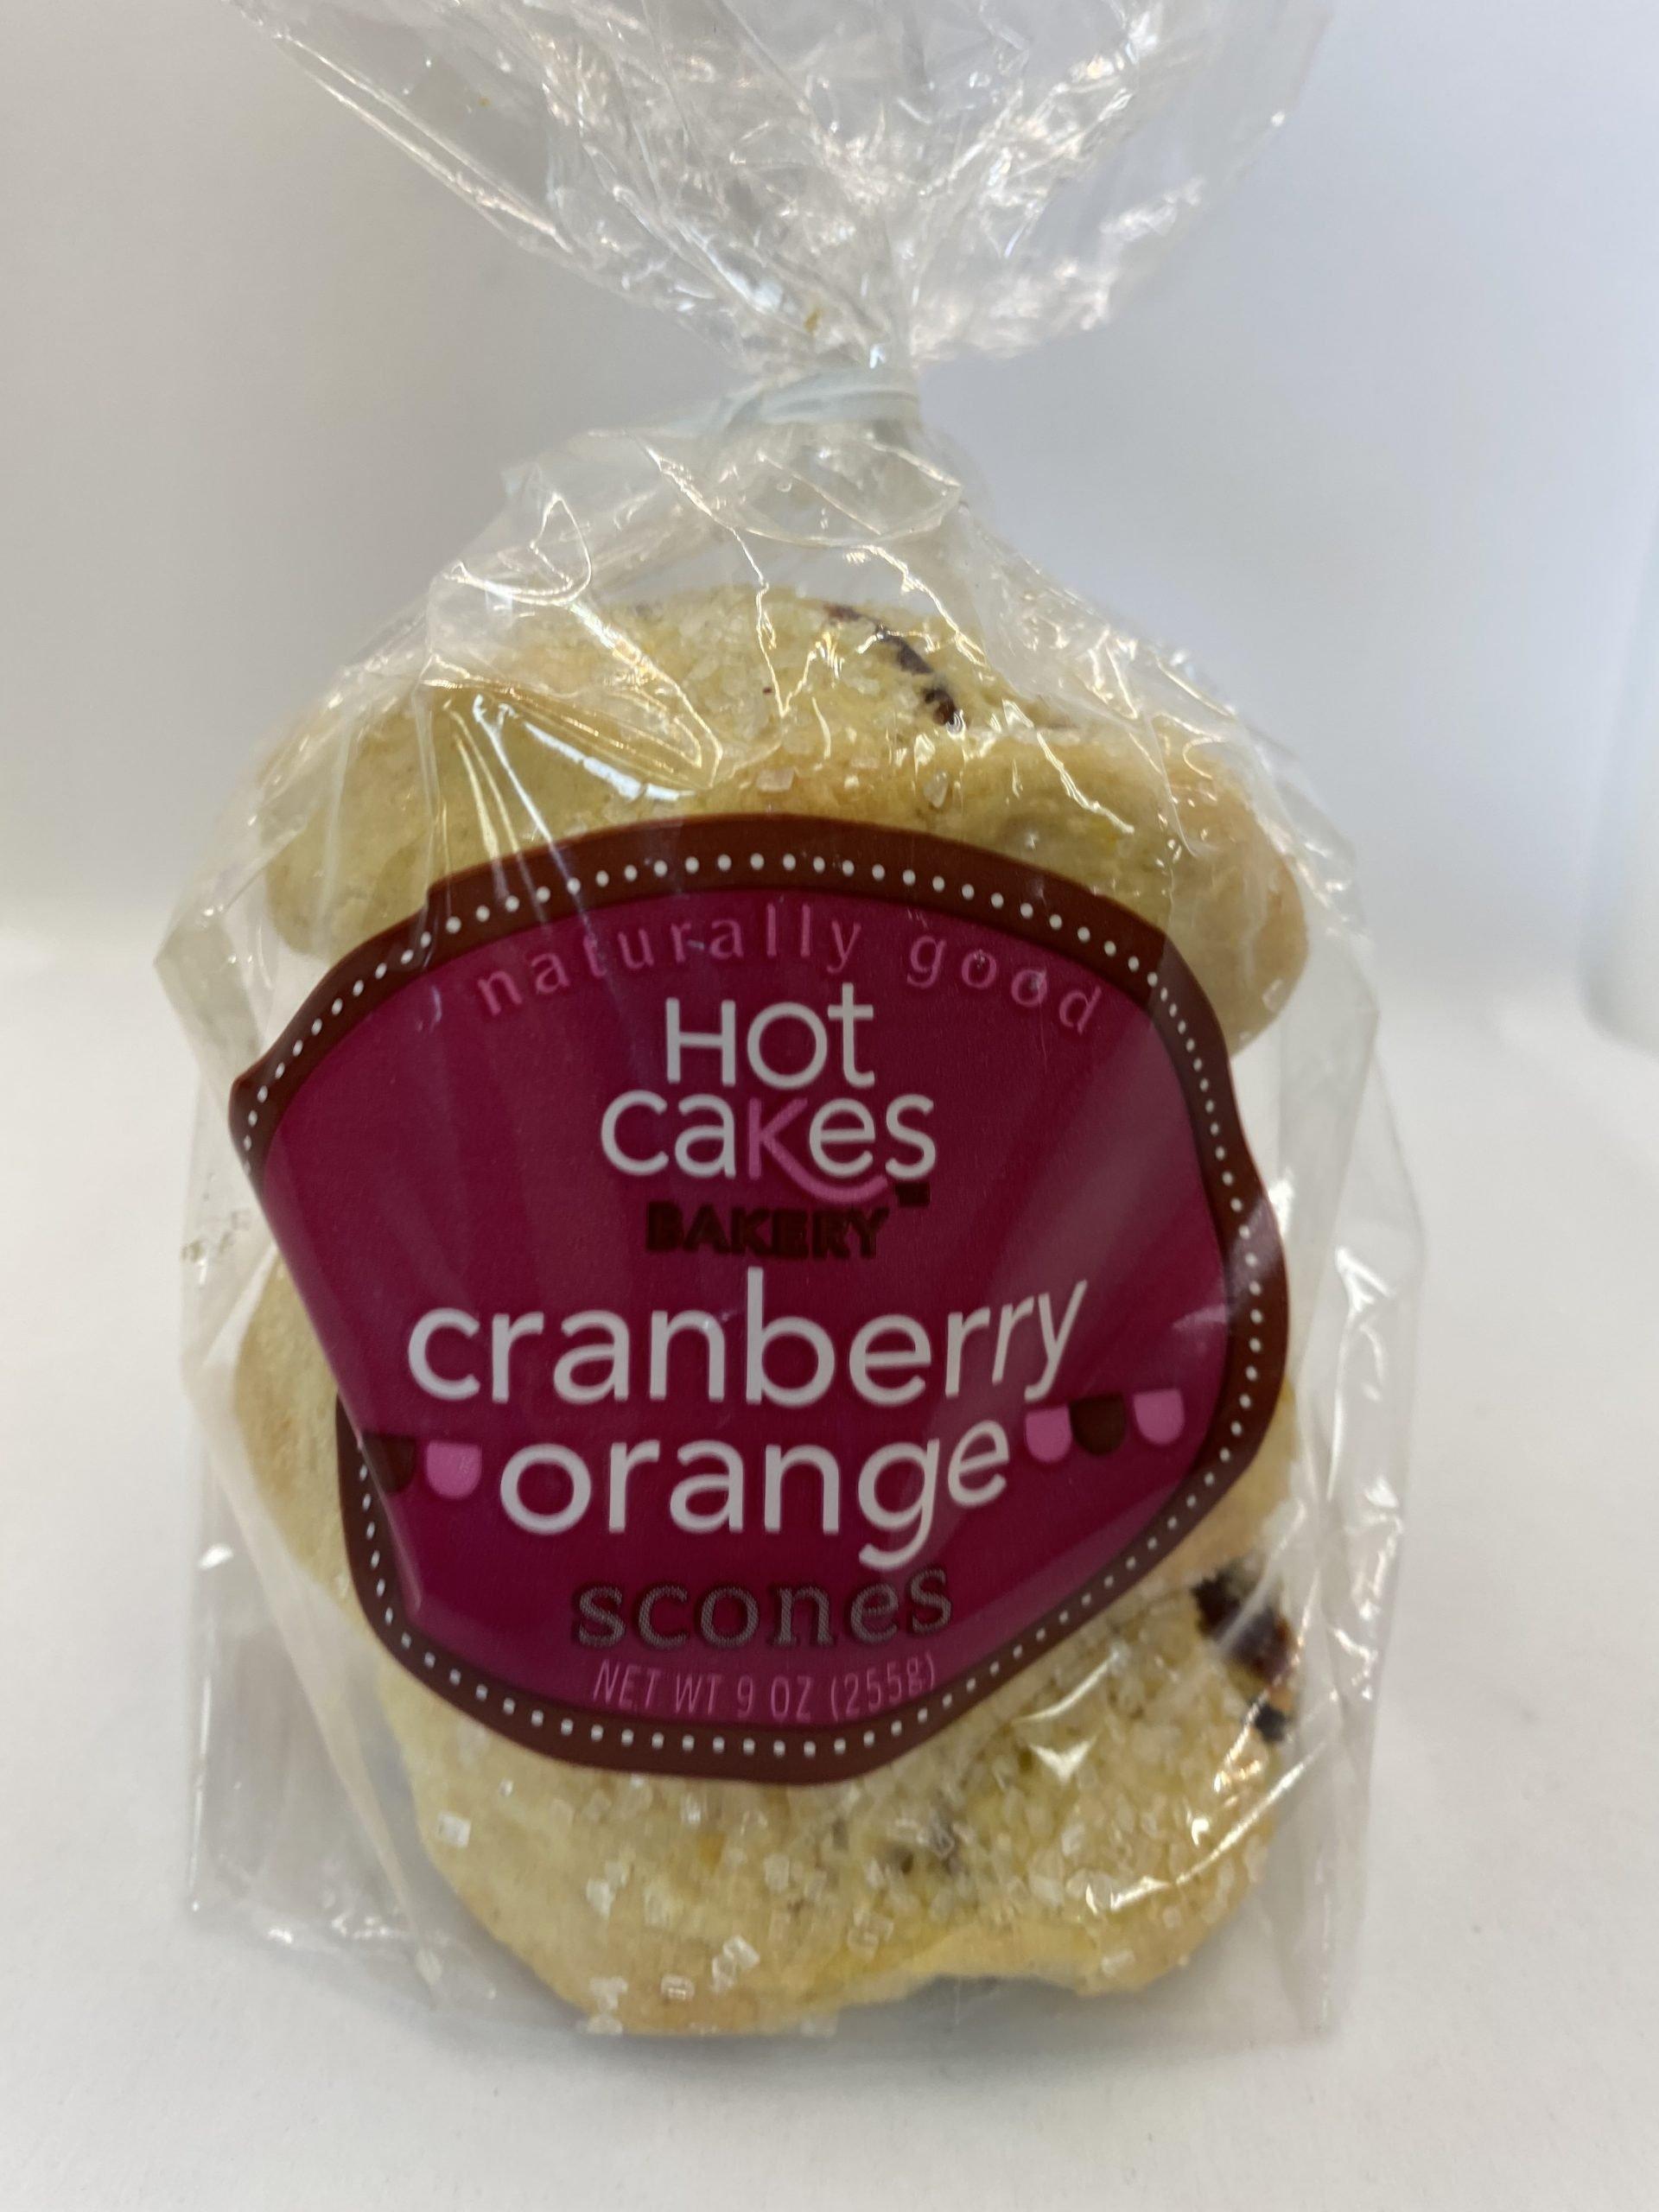 Hot Cakes Cranberry Orange Scones 3